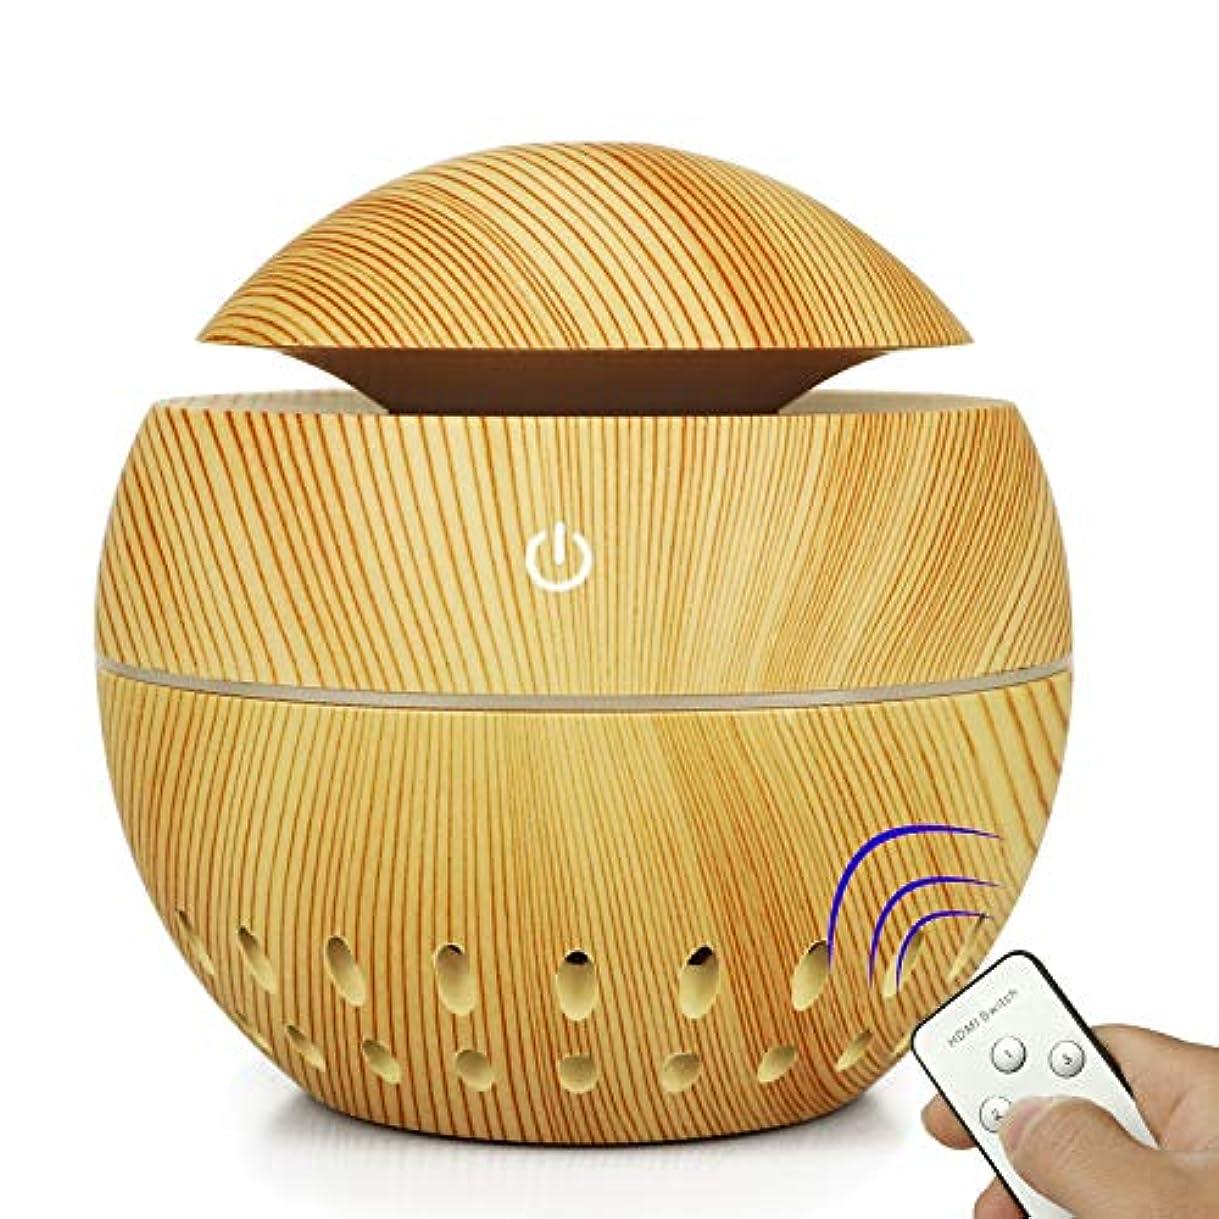 証拠欠員しない加湿器USBウッドグレイン中空加湿器きのこ総本店小型家電 (Color : Brass, Size : 100MM*105MM)